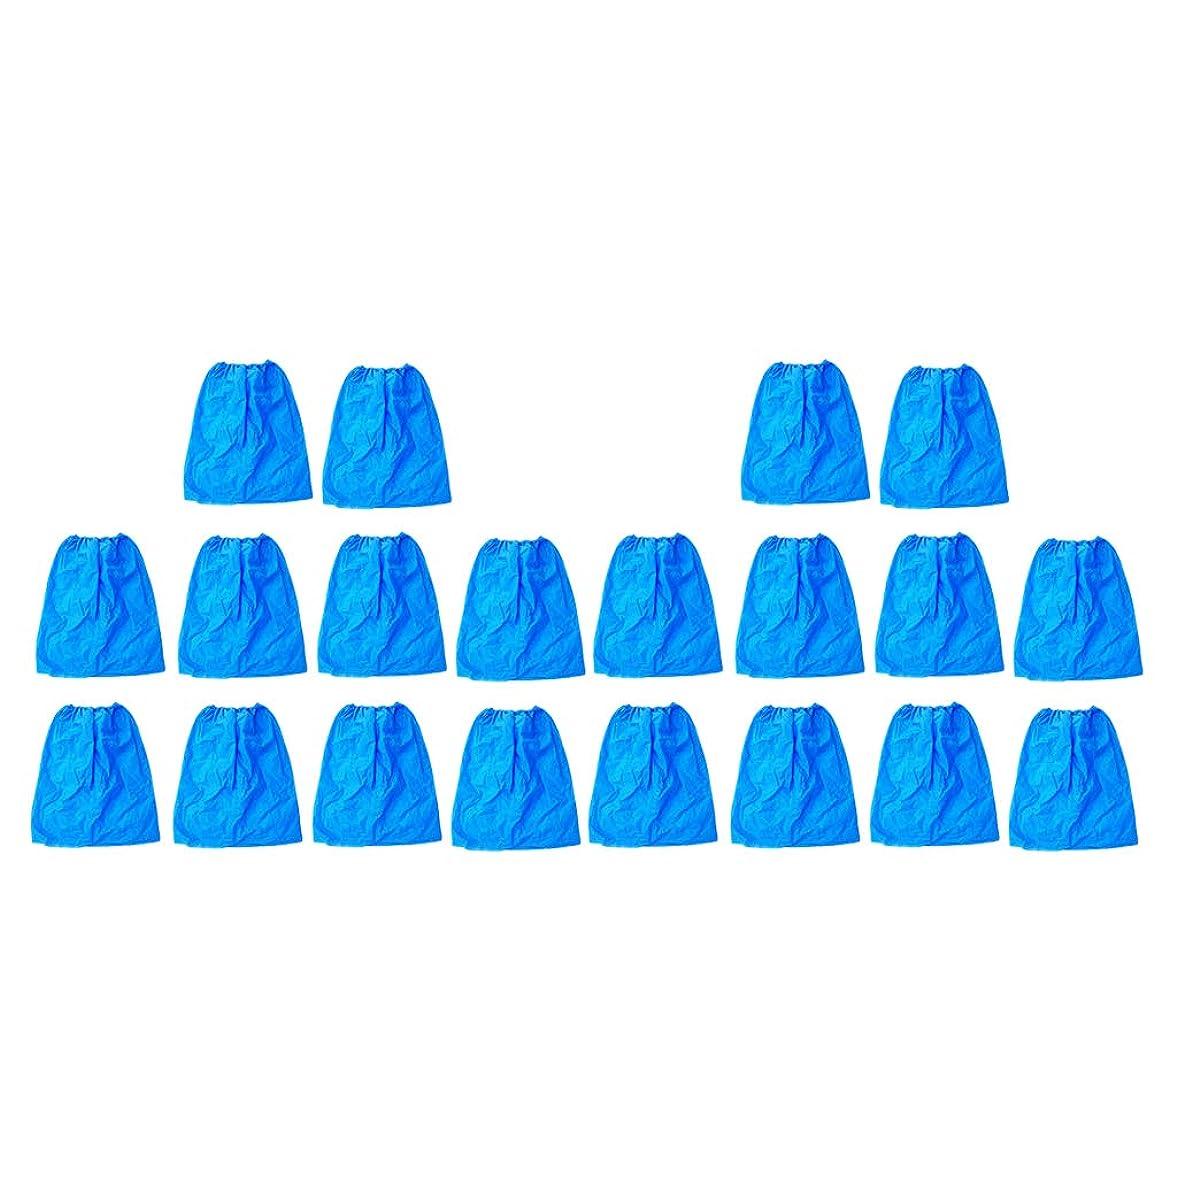 グレードぼかすクラウドsharprepublic サロン美容 使い捨て スパボディラップガウンブルー 20個 柔らかい 不織布